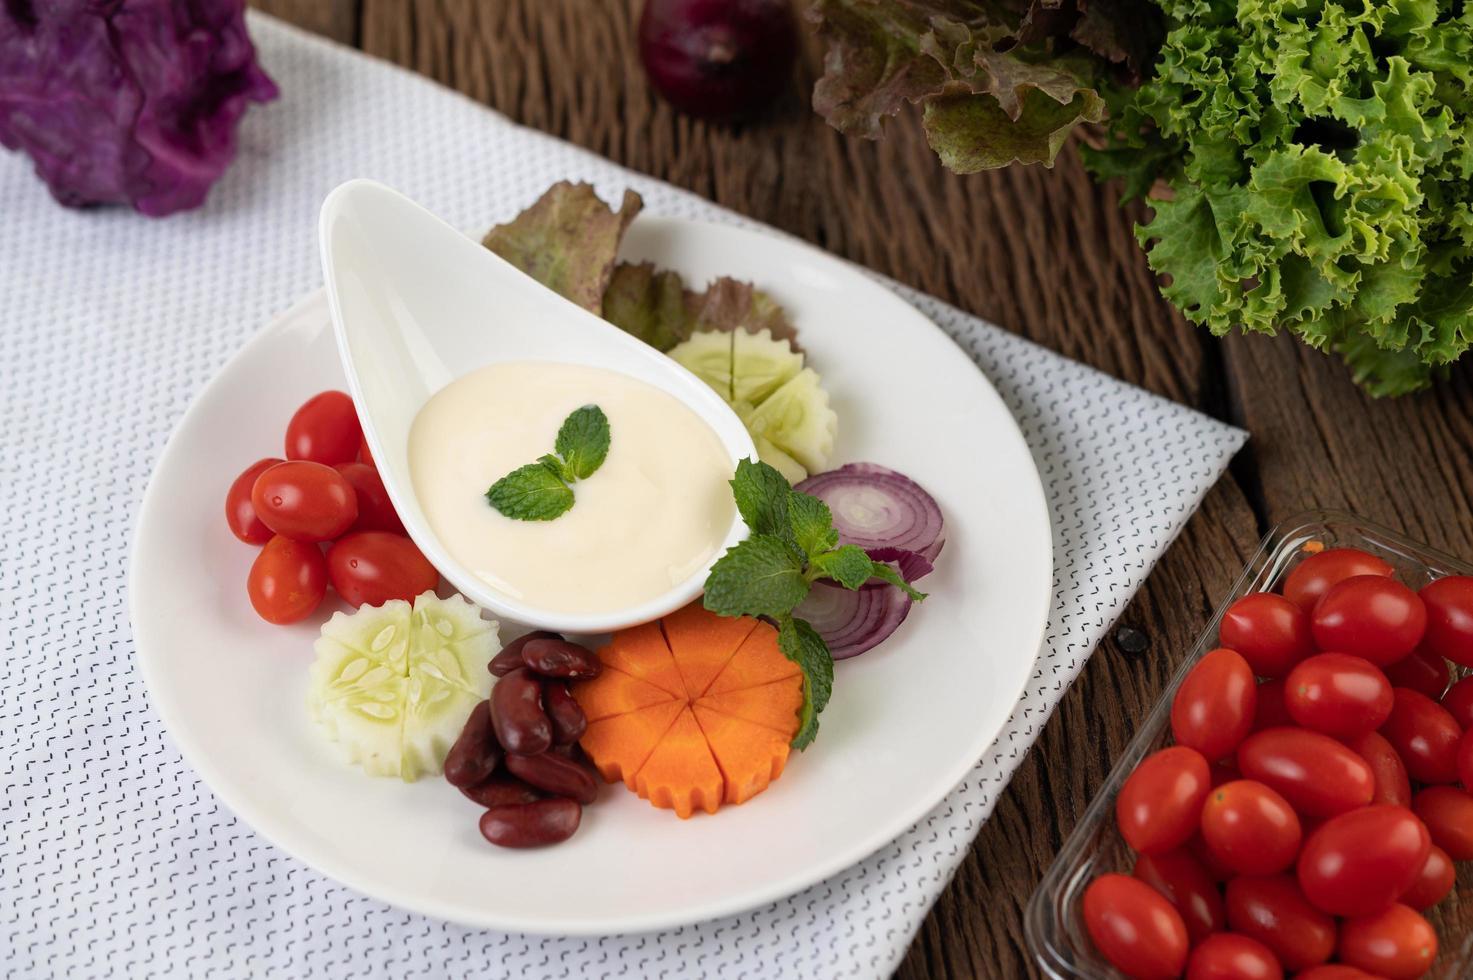 ingrédients pour la vinaigrette en tasses photo